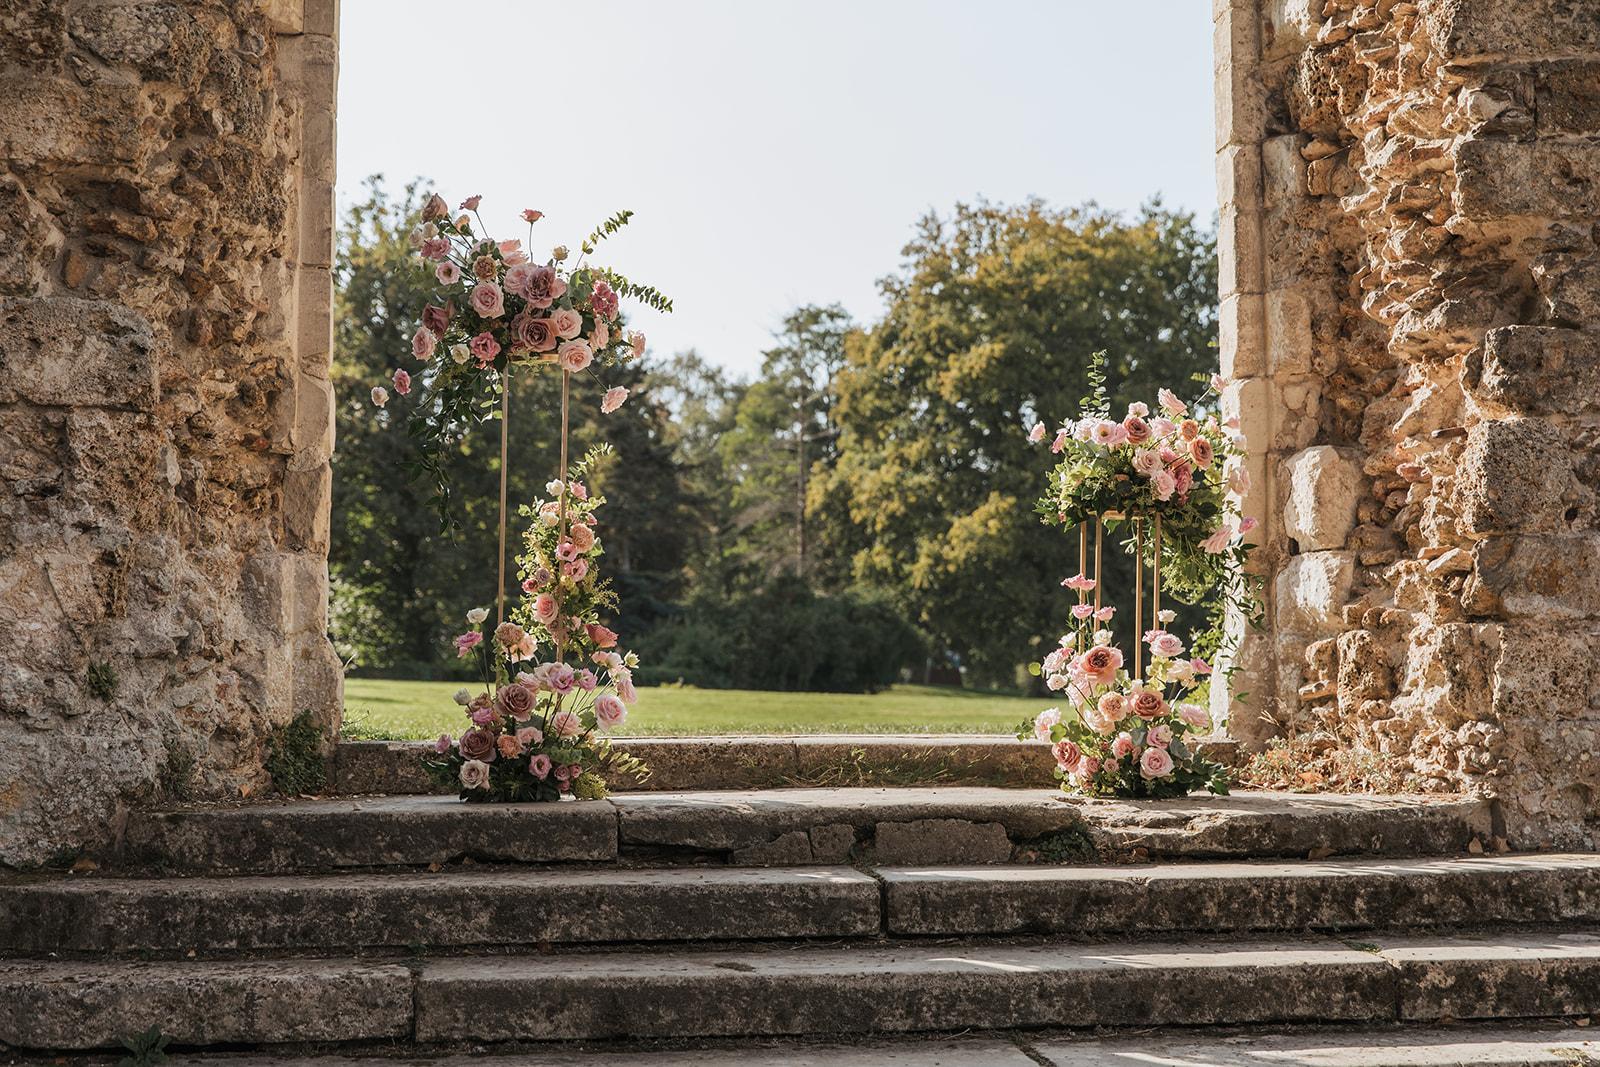 Mariage, décoratrice mariage, décoratrice paris, fleuriste mariage, fleuriste paris, abbaye des vaux de cernay, cérémonie laïque, art floral, design floral, mariage raffiné